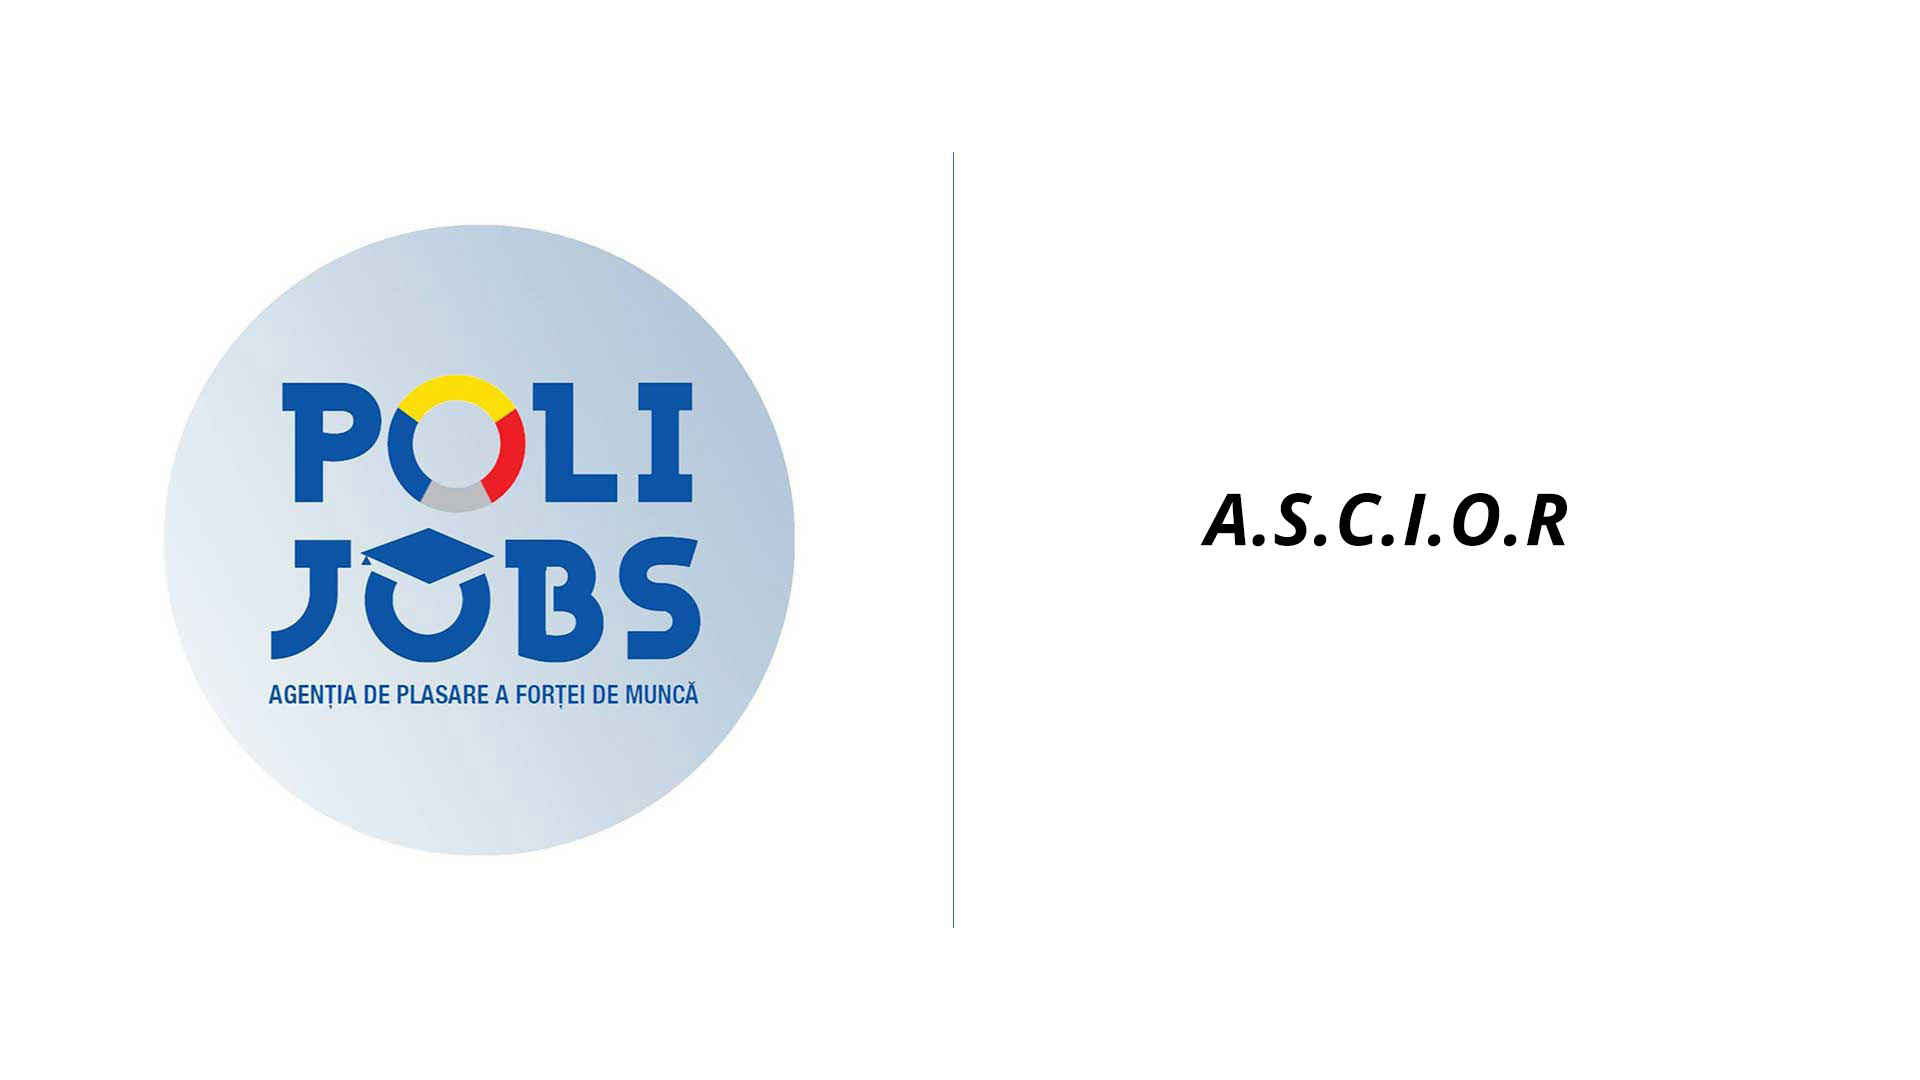 Polijobs – Revista A.S.C.I.O.R.